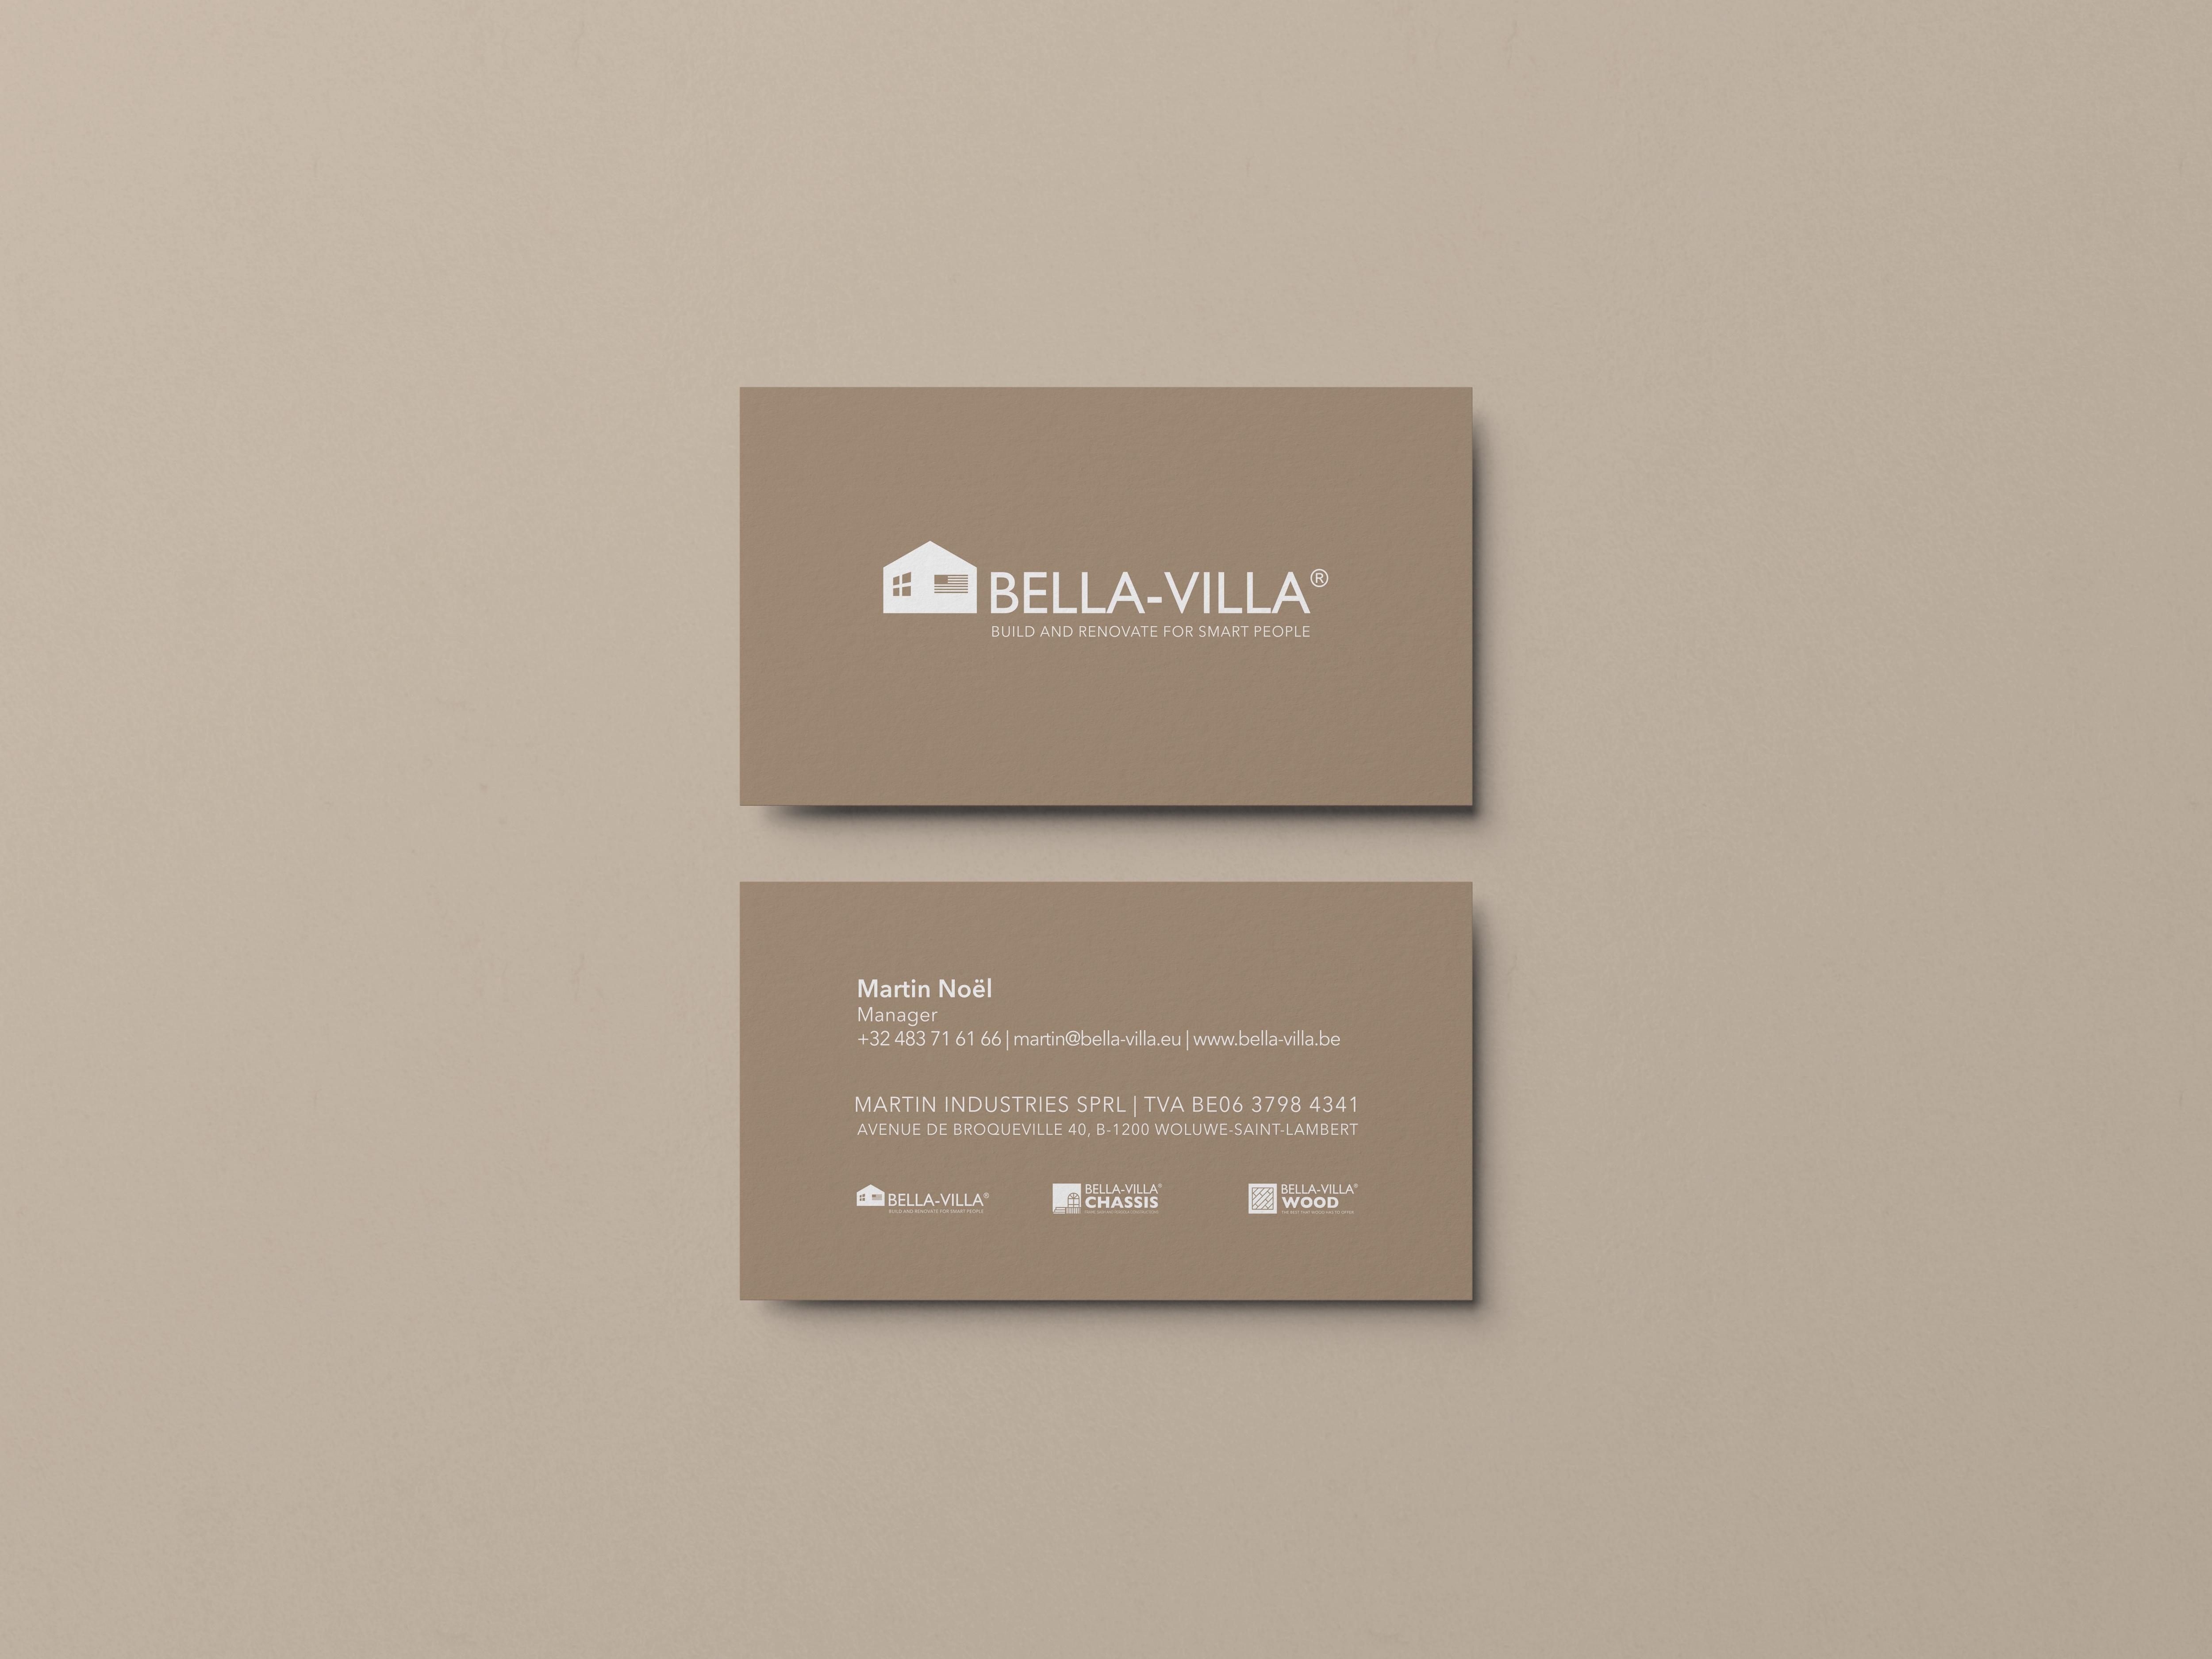 bellavilla-4